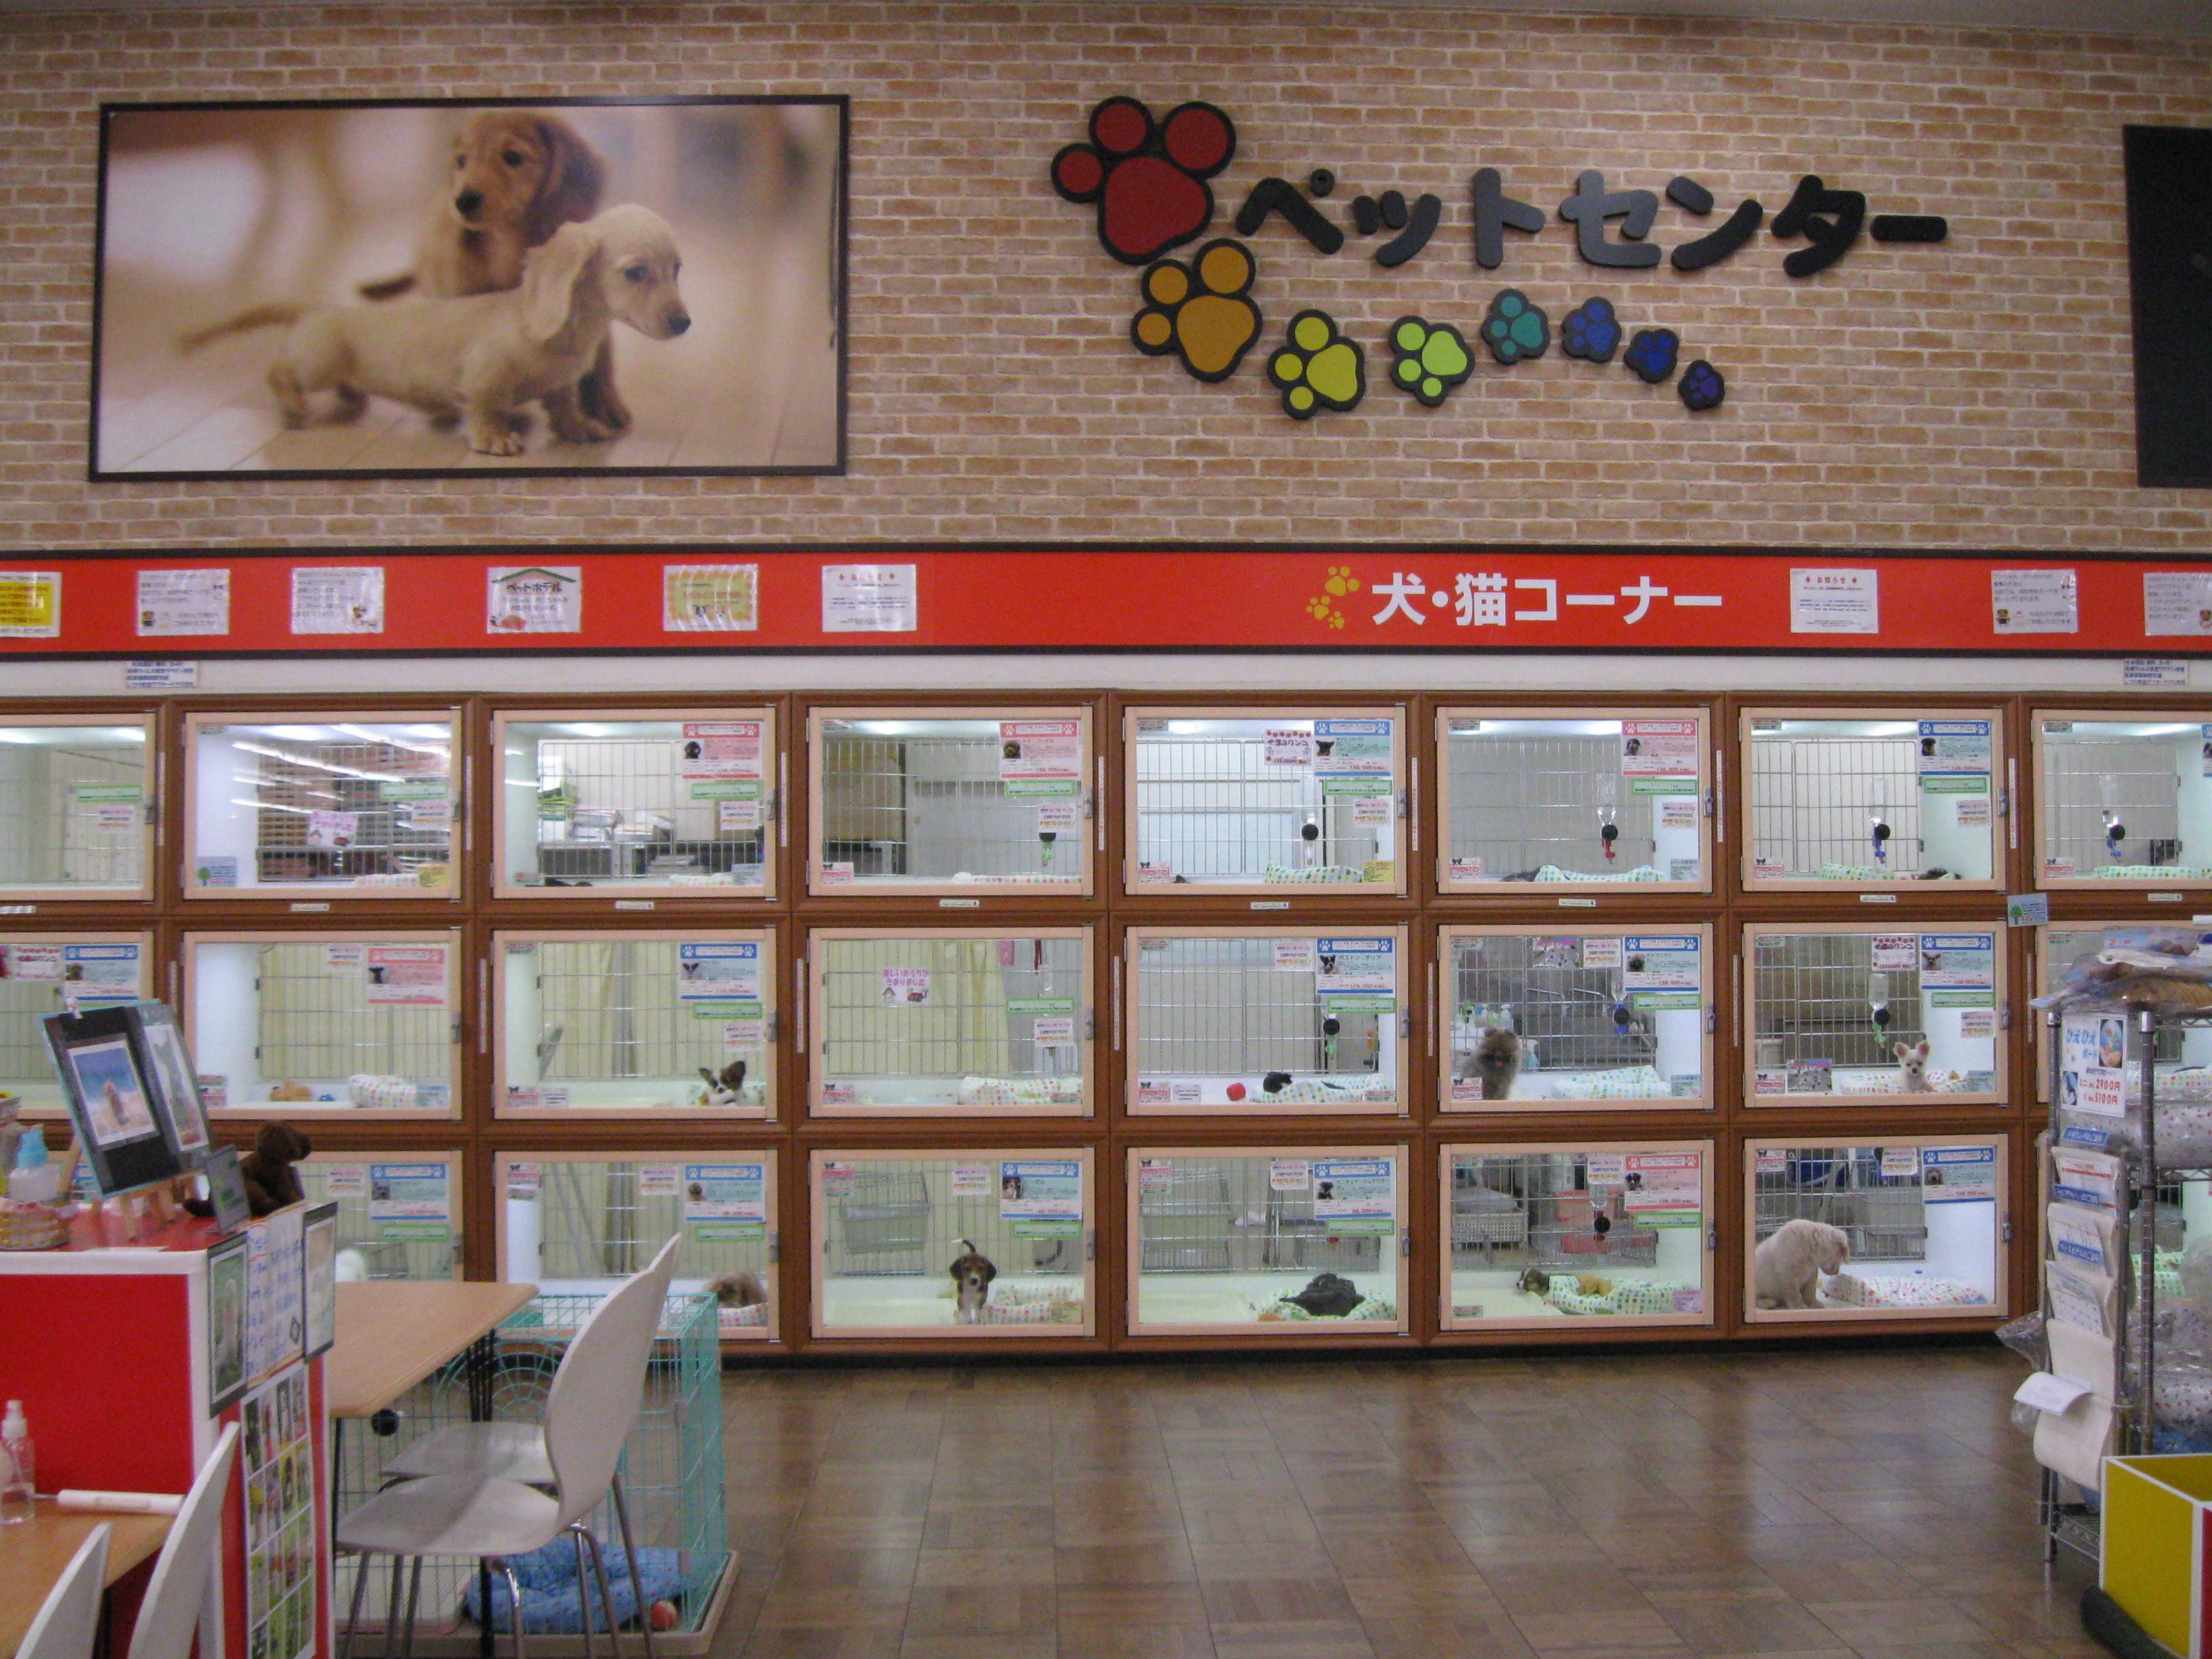 東京ワンク豊洲店 のアルバイト情報